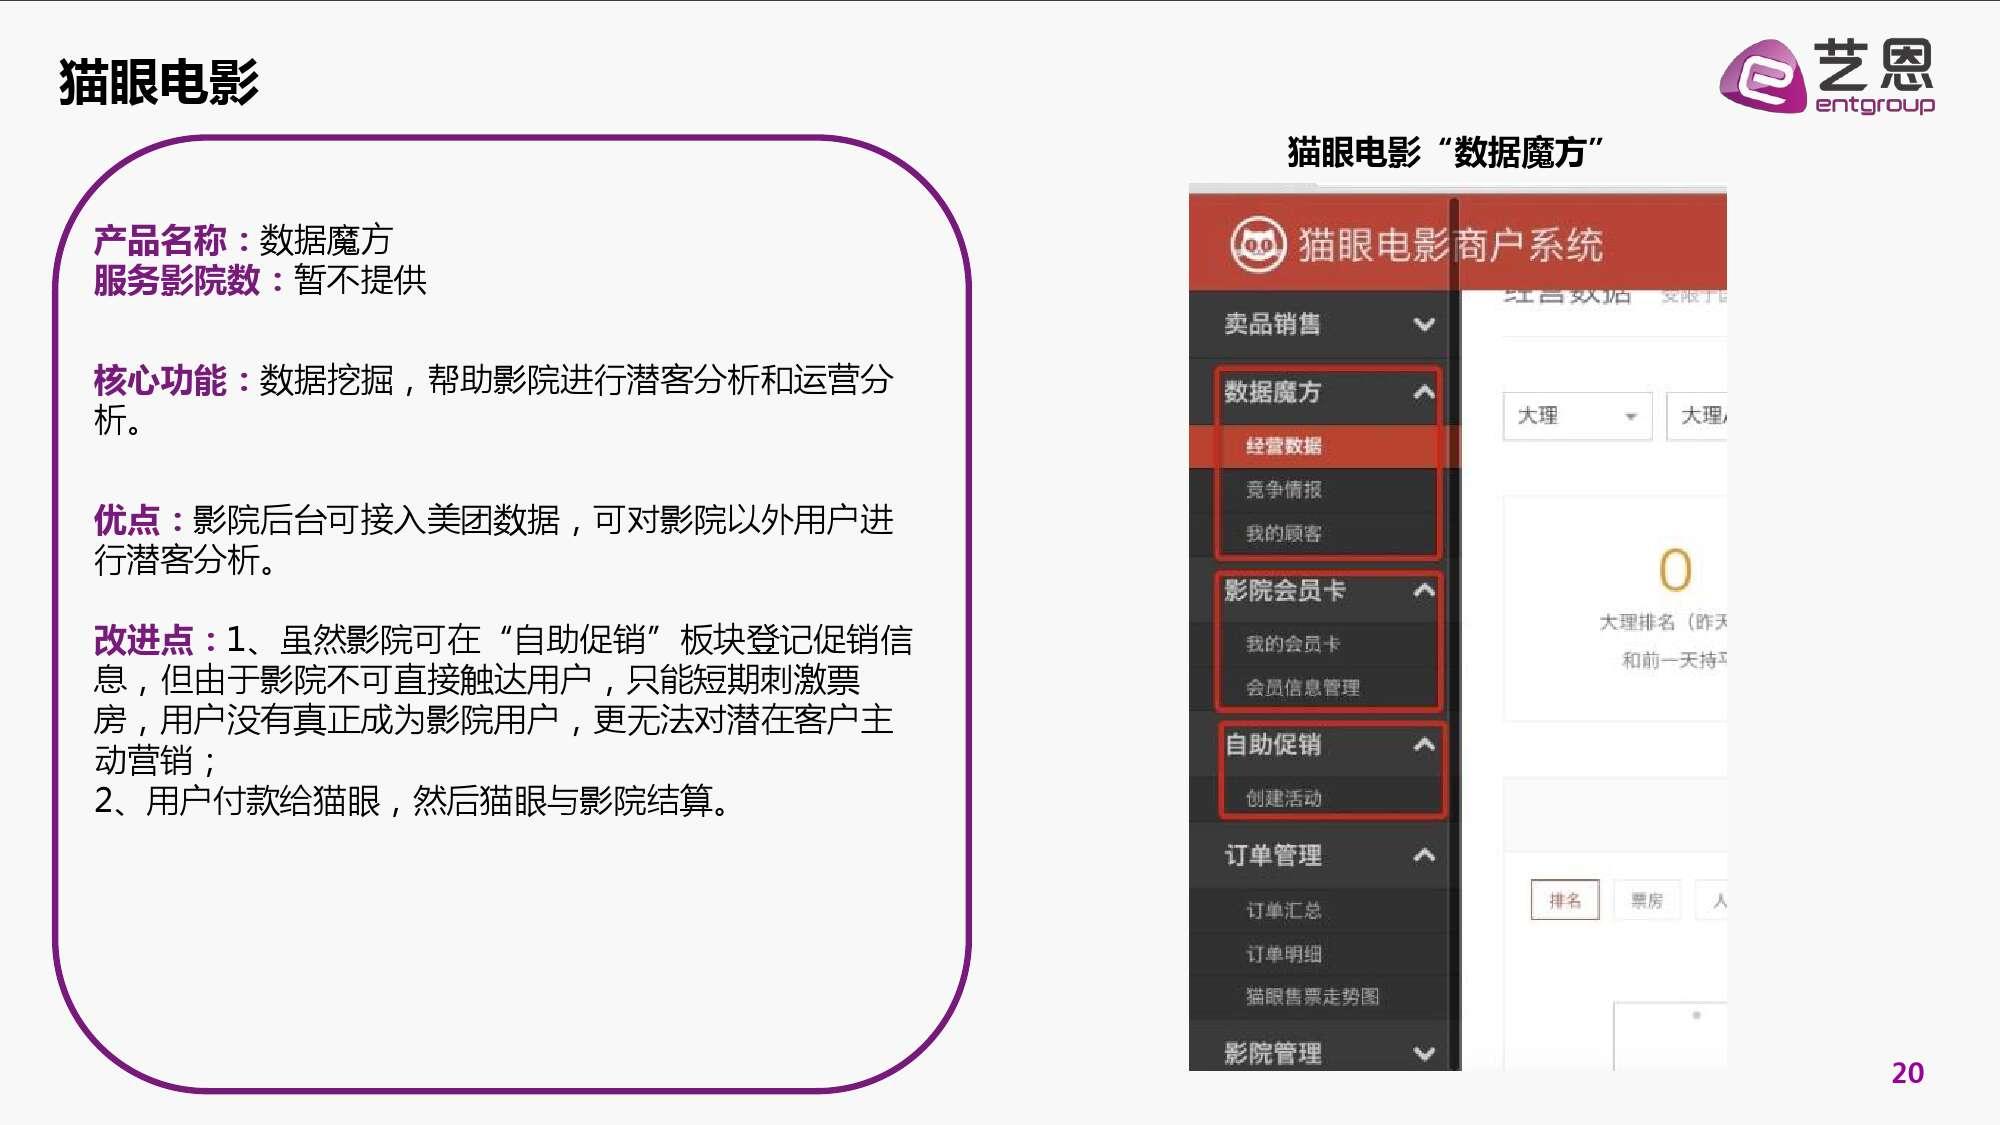 2016年中国电影在线票务市场研究报告_000020